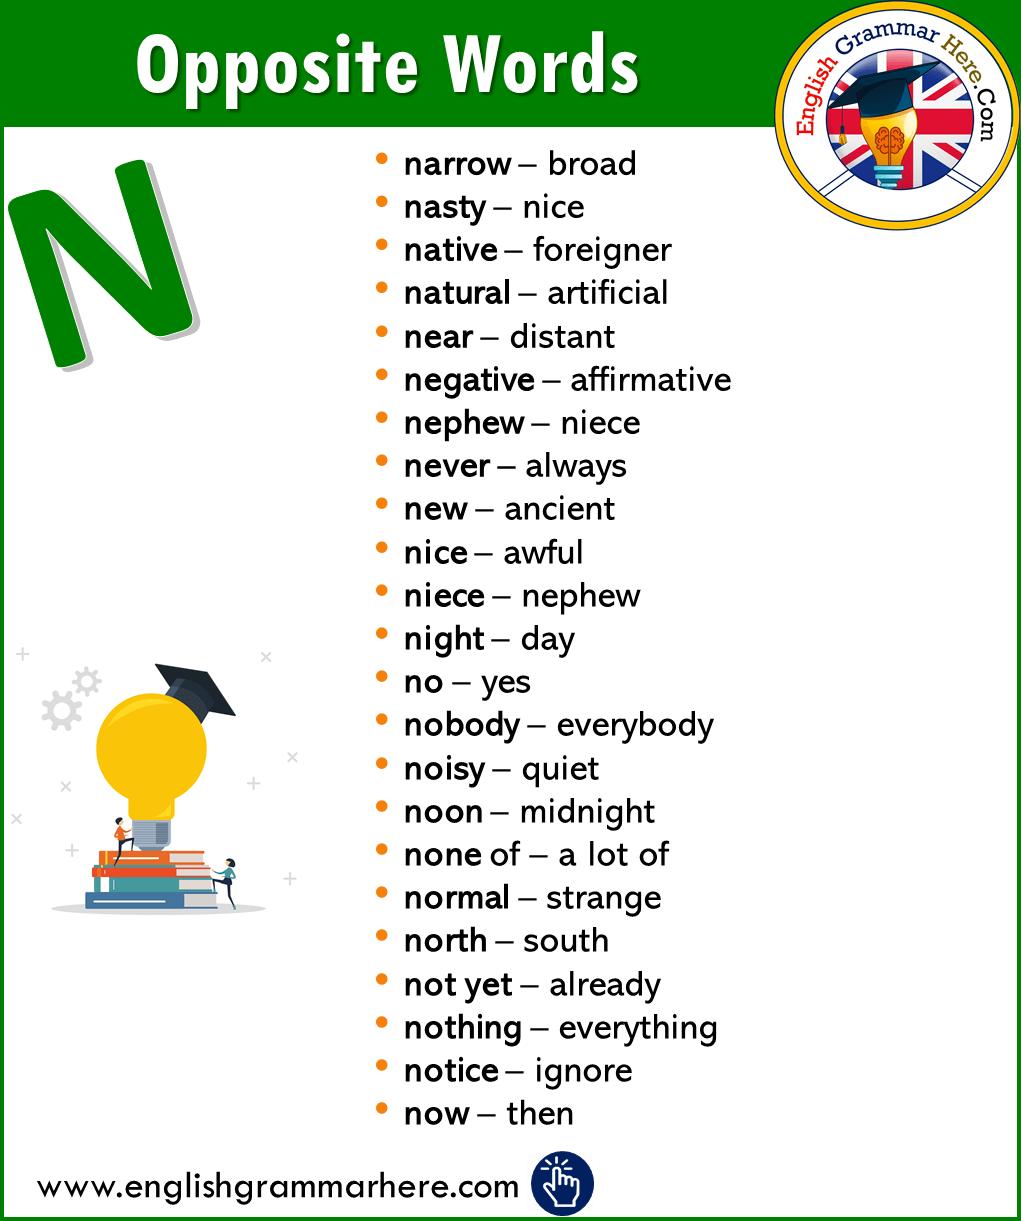 Alphabetical Opposite Word List – N